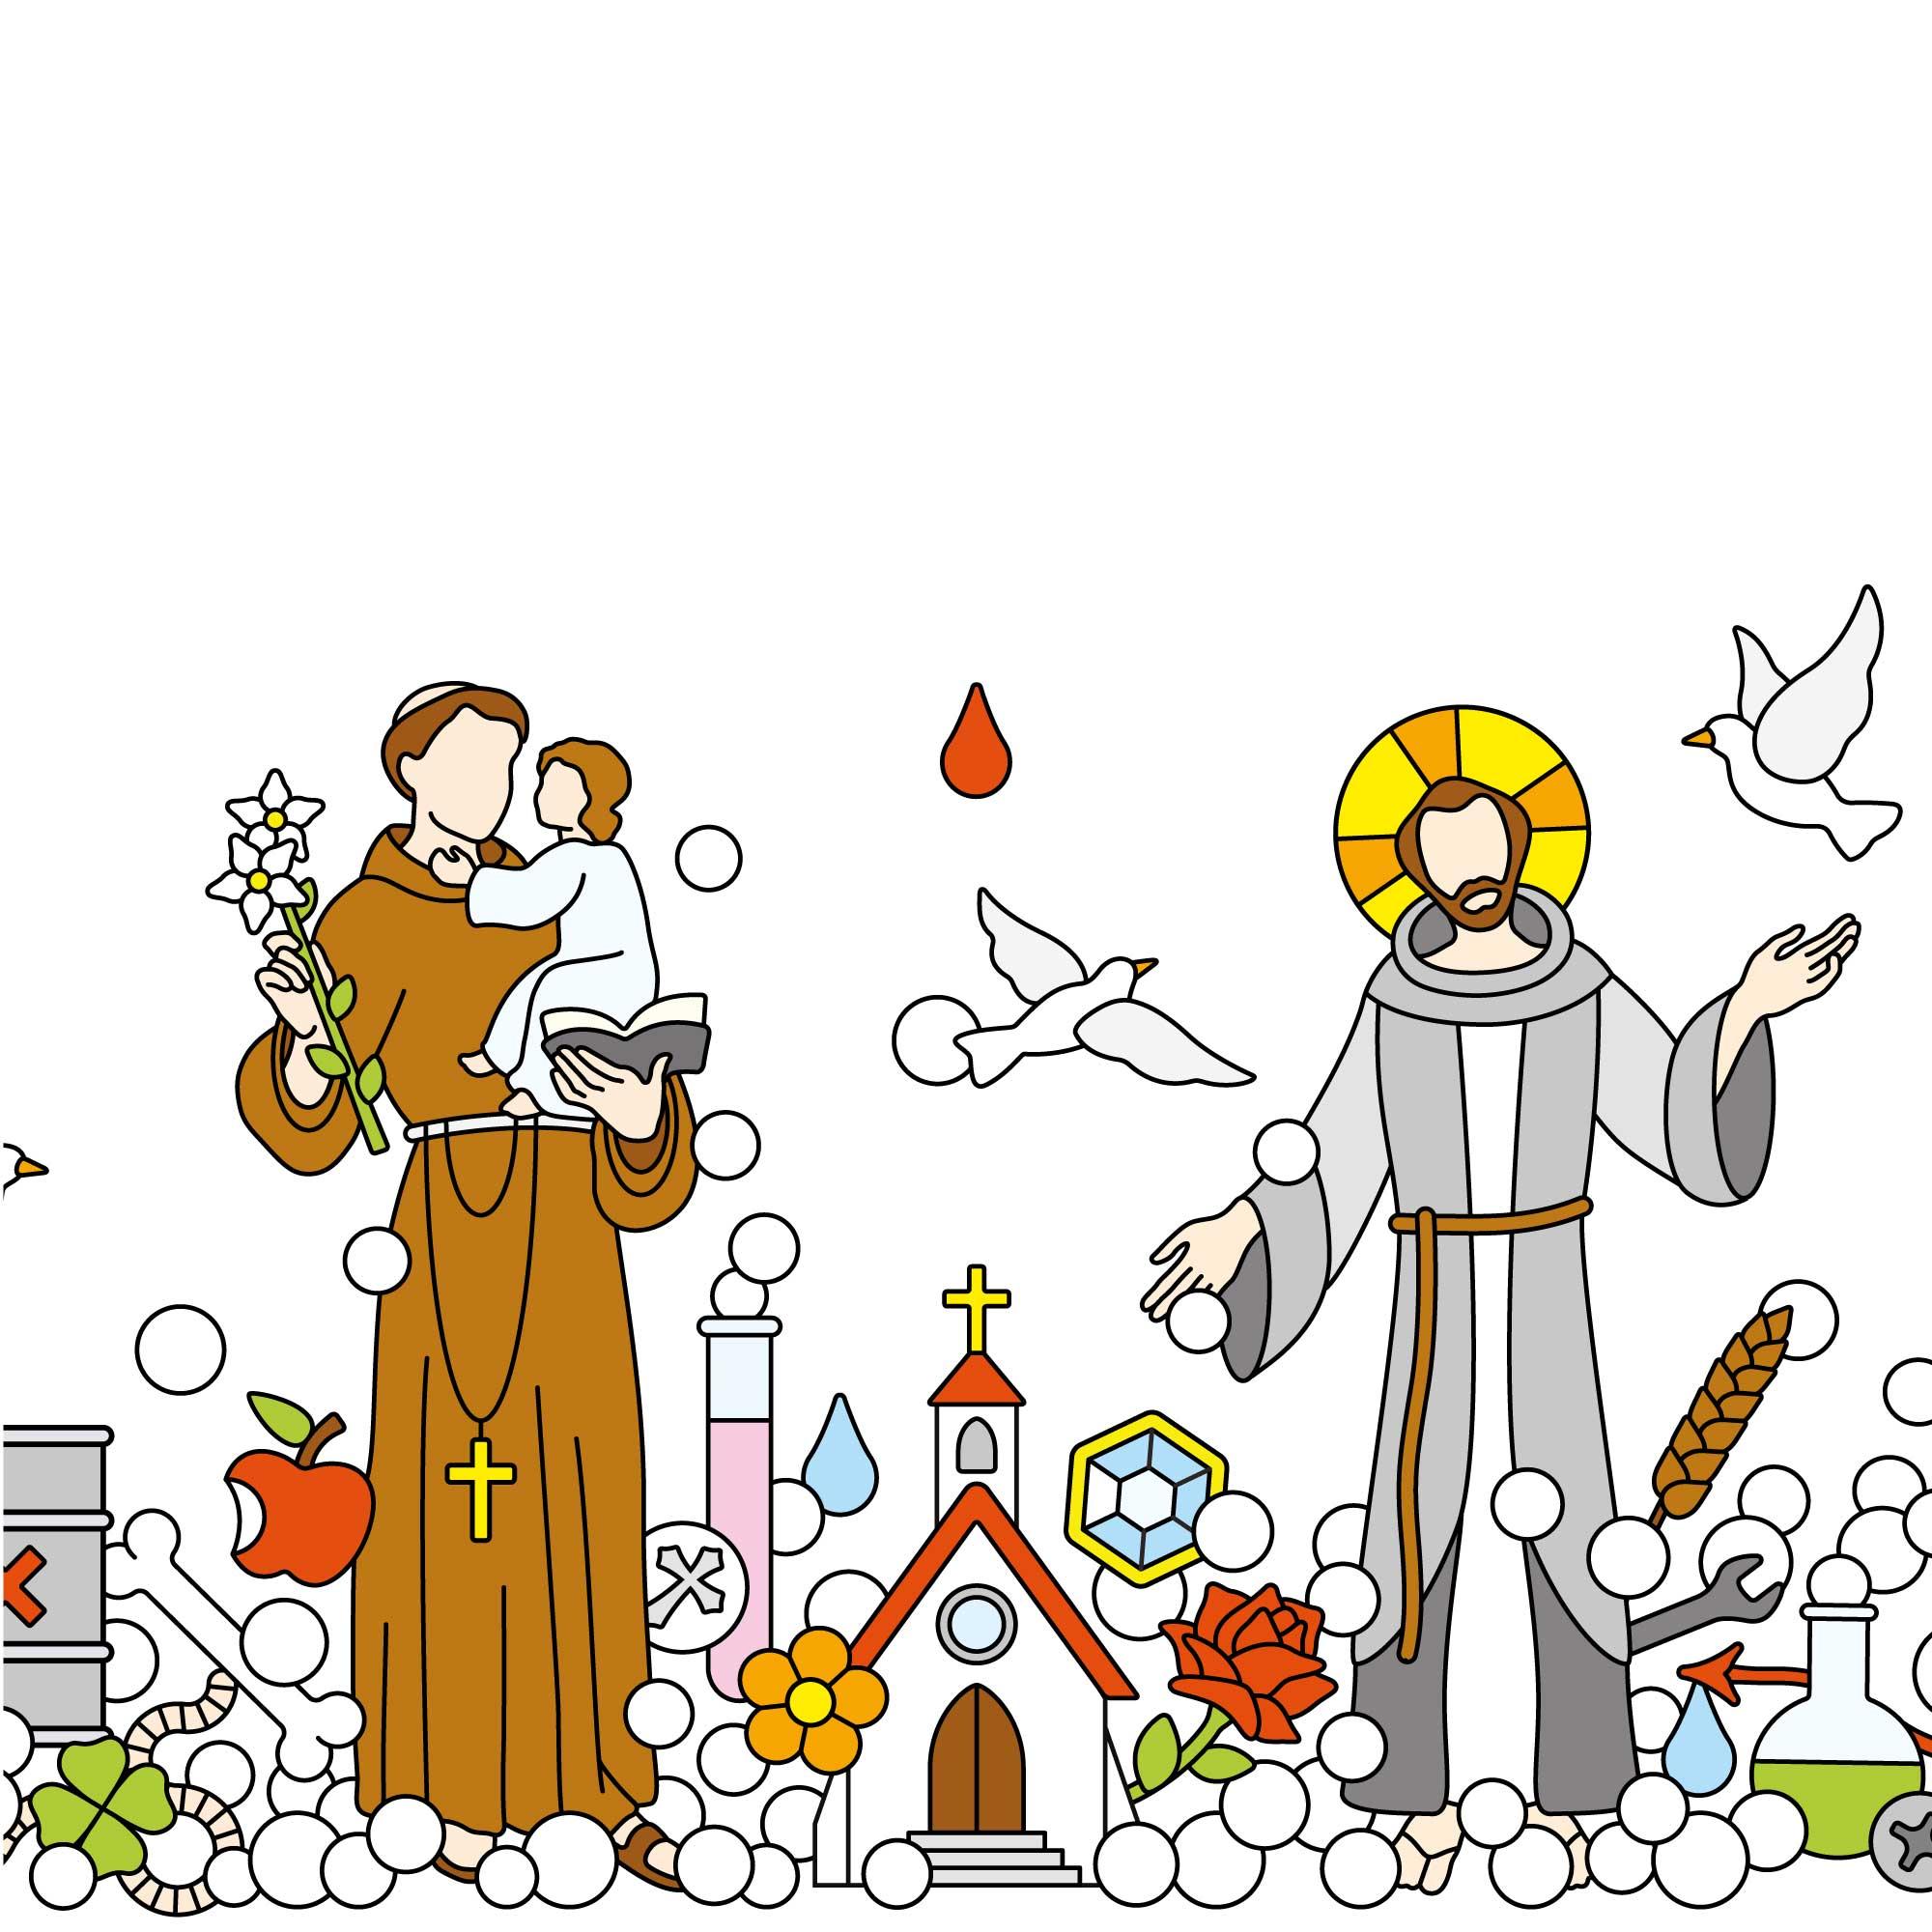 Studio-Job-The-Last-Supper-delftware-drawing-dome-All-Saints-1